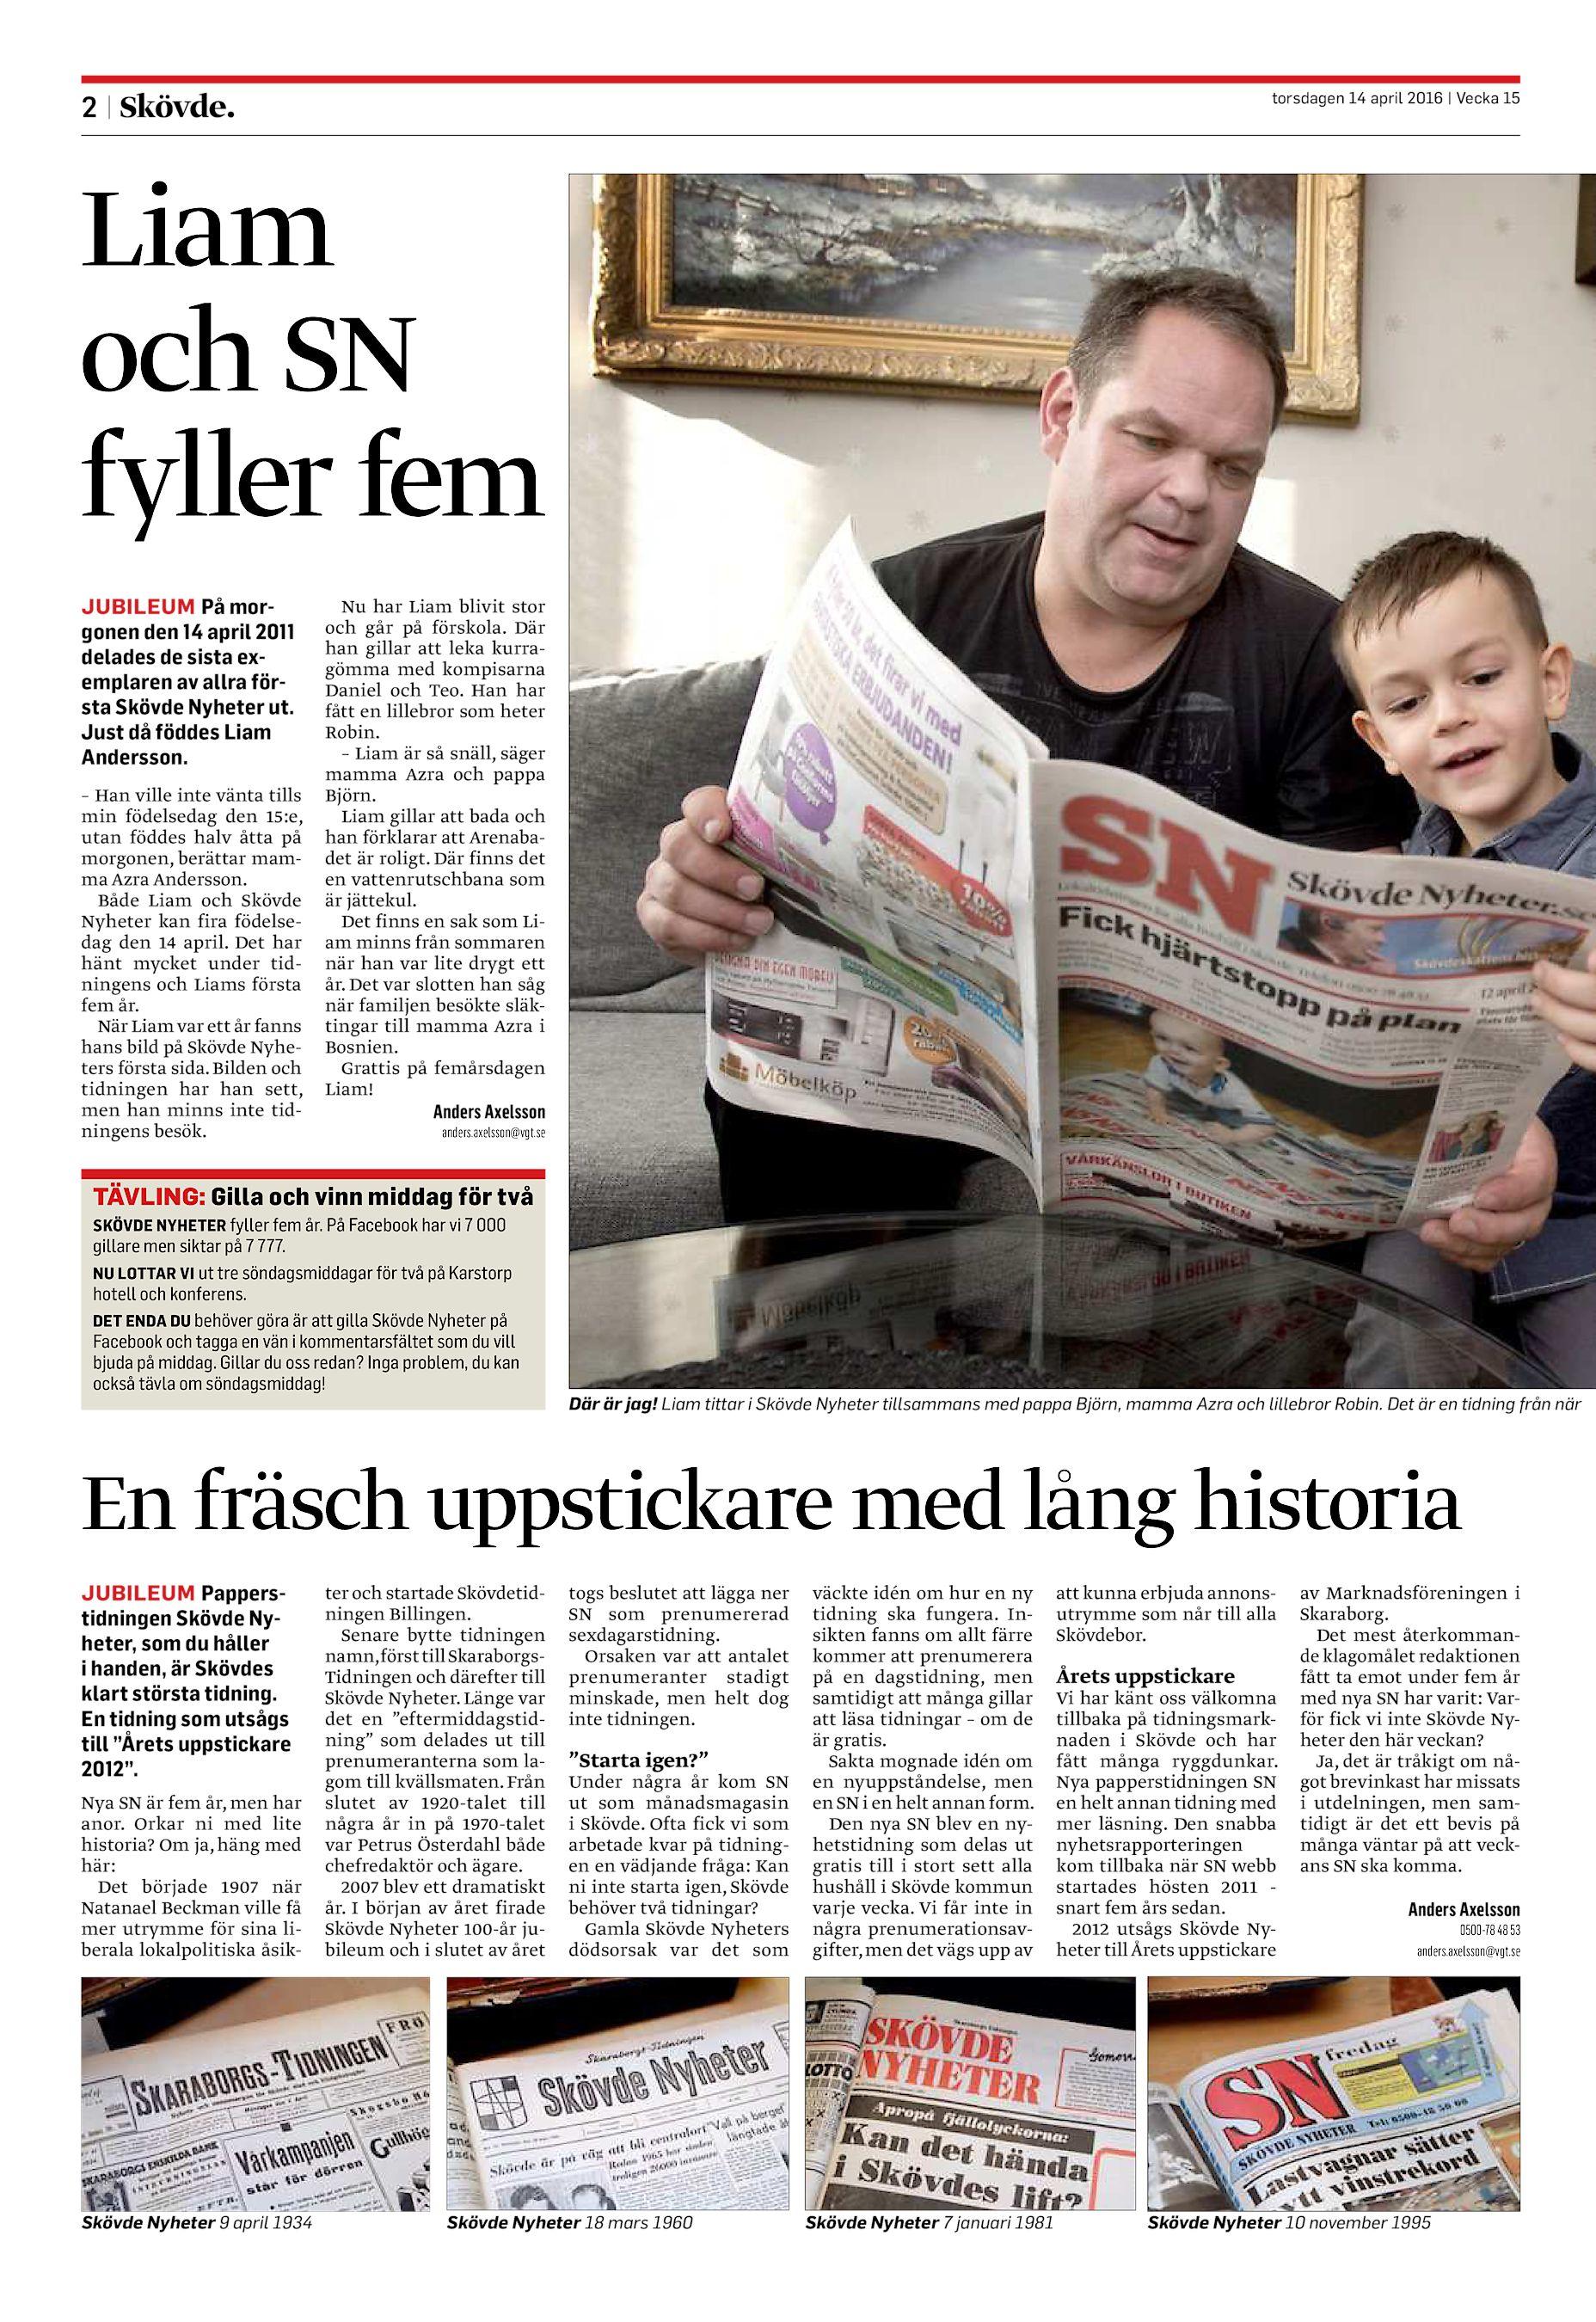 Liam och SN fyller fem JUBILEUM På morgonen den 14 april 2011 delades de  sista exemplaren av allra första Skövde Nyheter ut. 80d2d39dfd51b